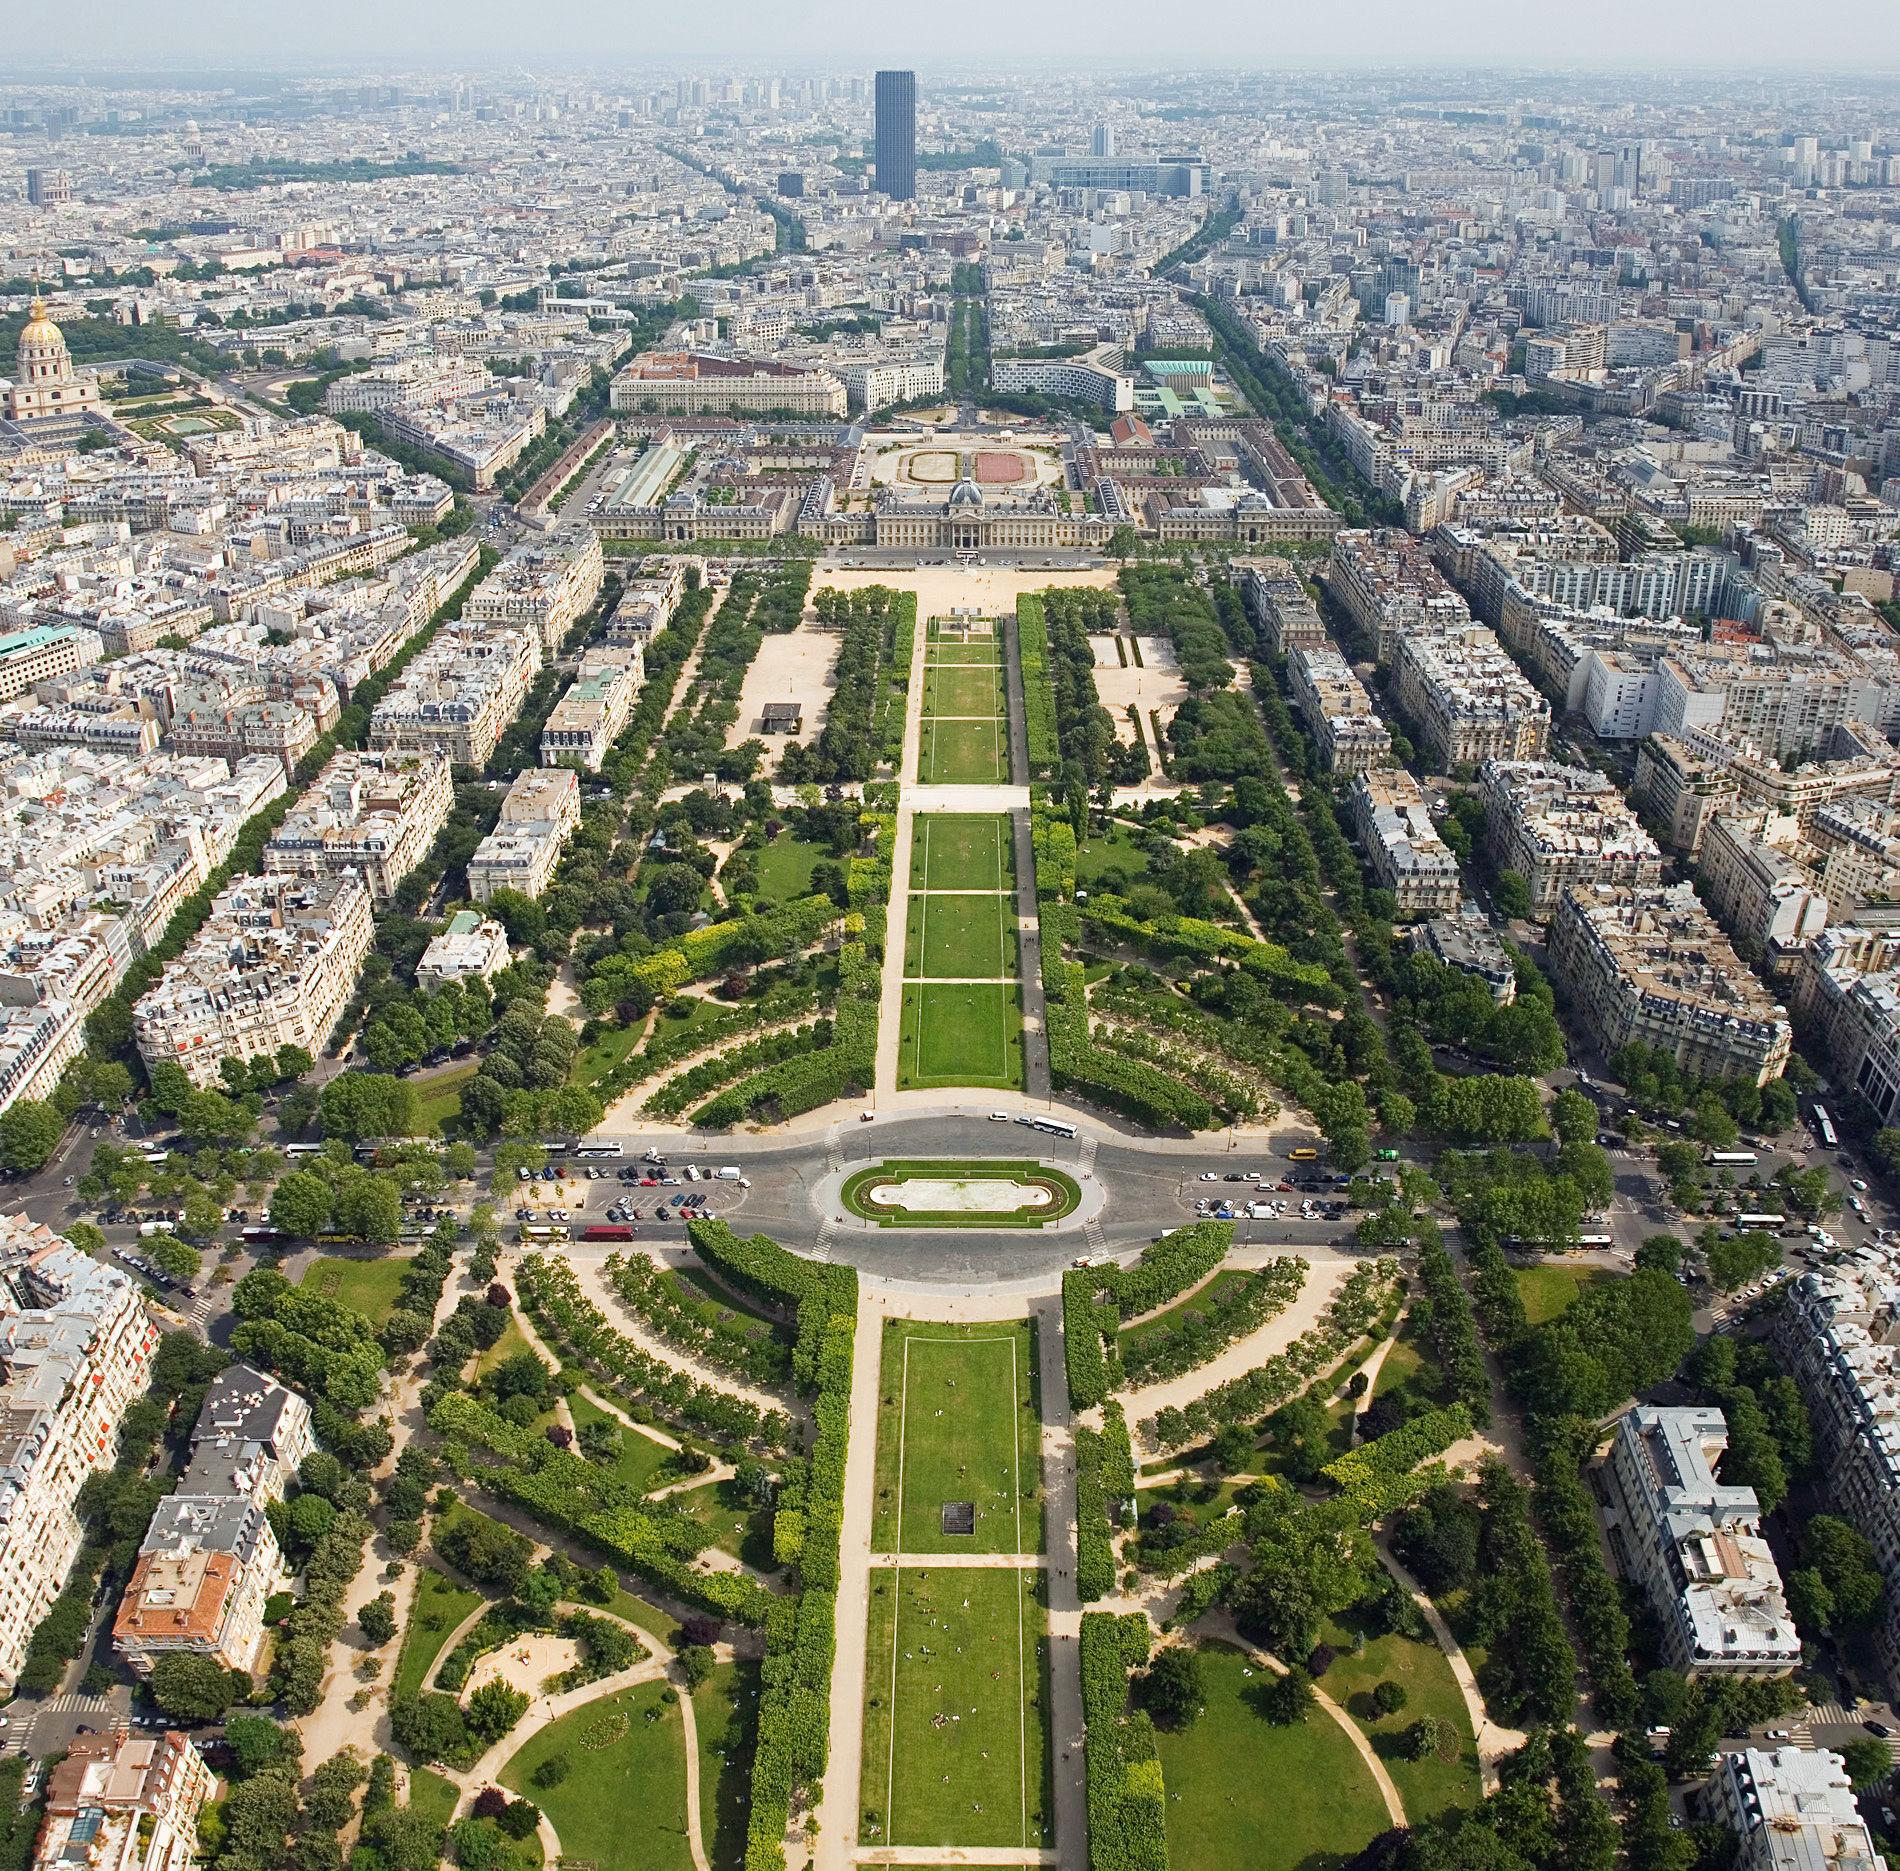 La explanada que hay a los pies de la torre Eiffel recibe este nombre